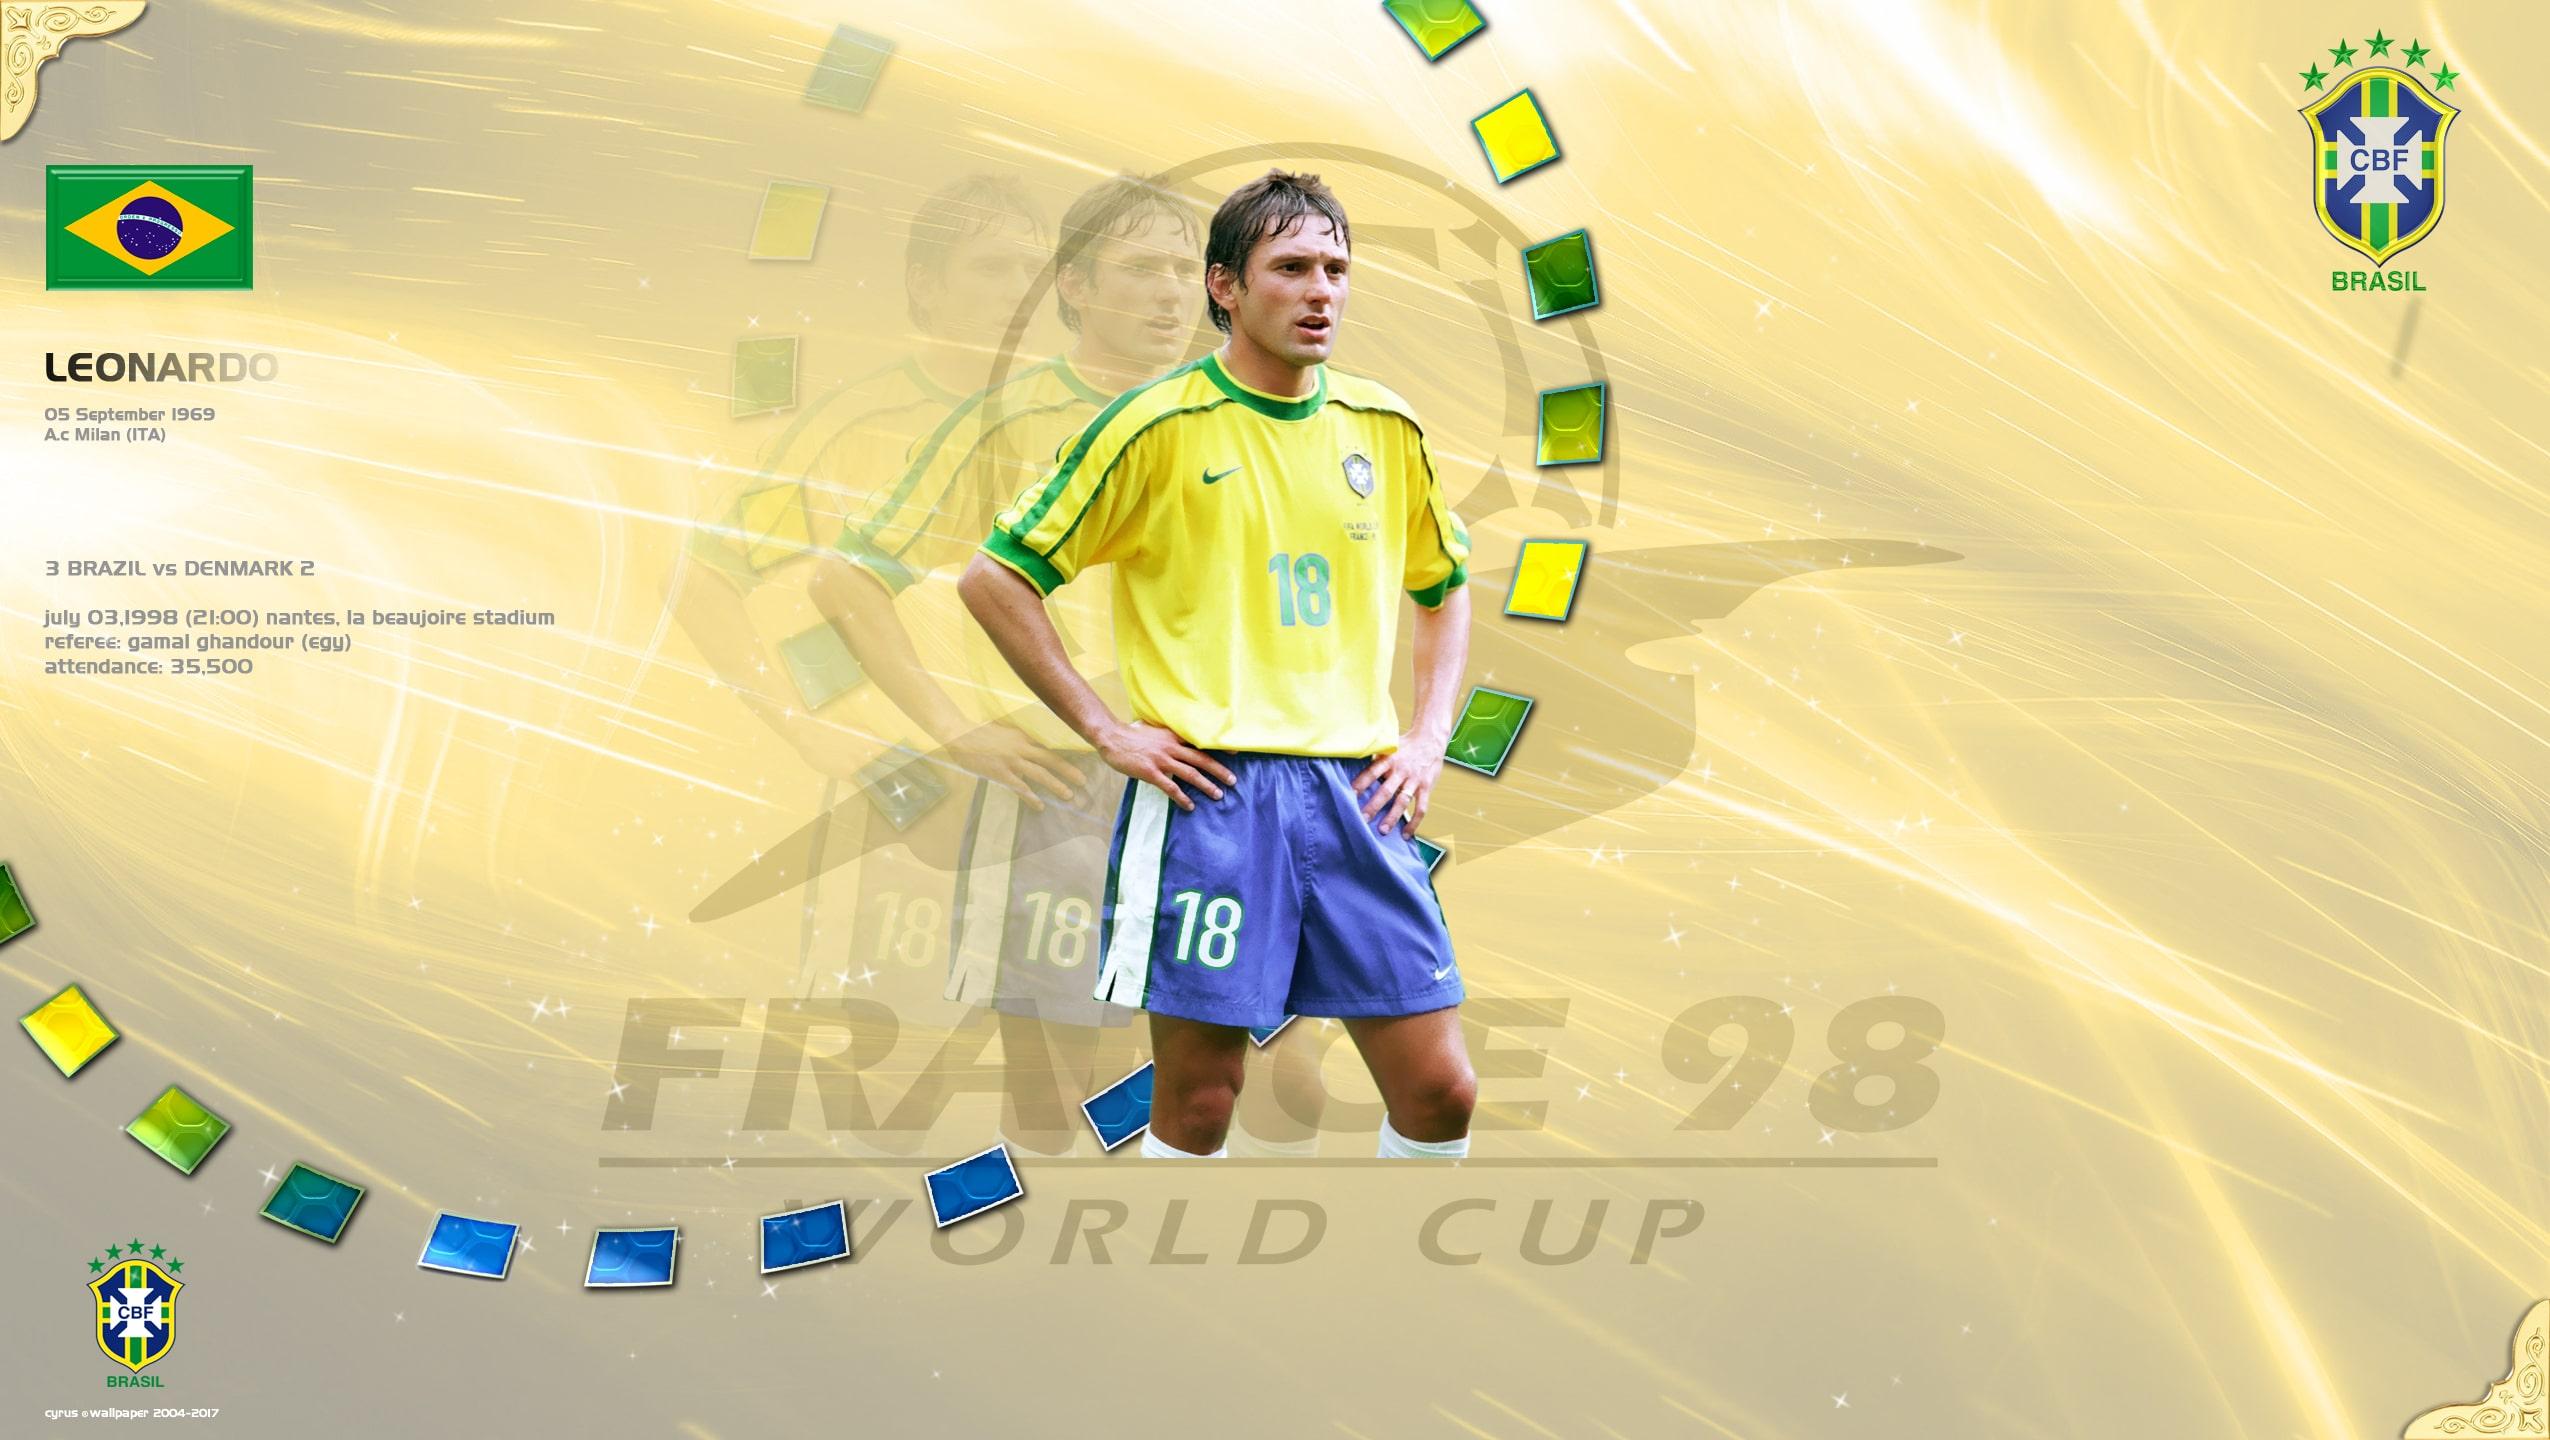 والپیپر لئوناردو در جام جهانی 1998